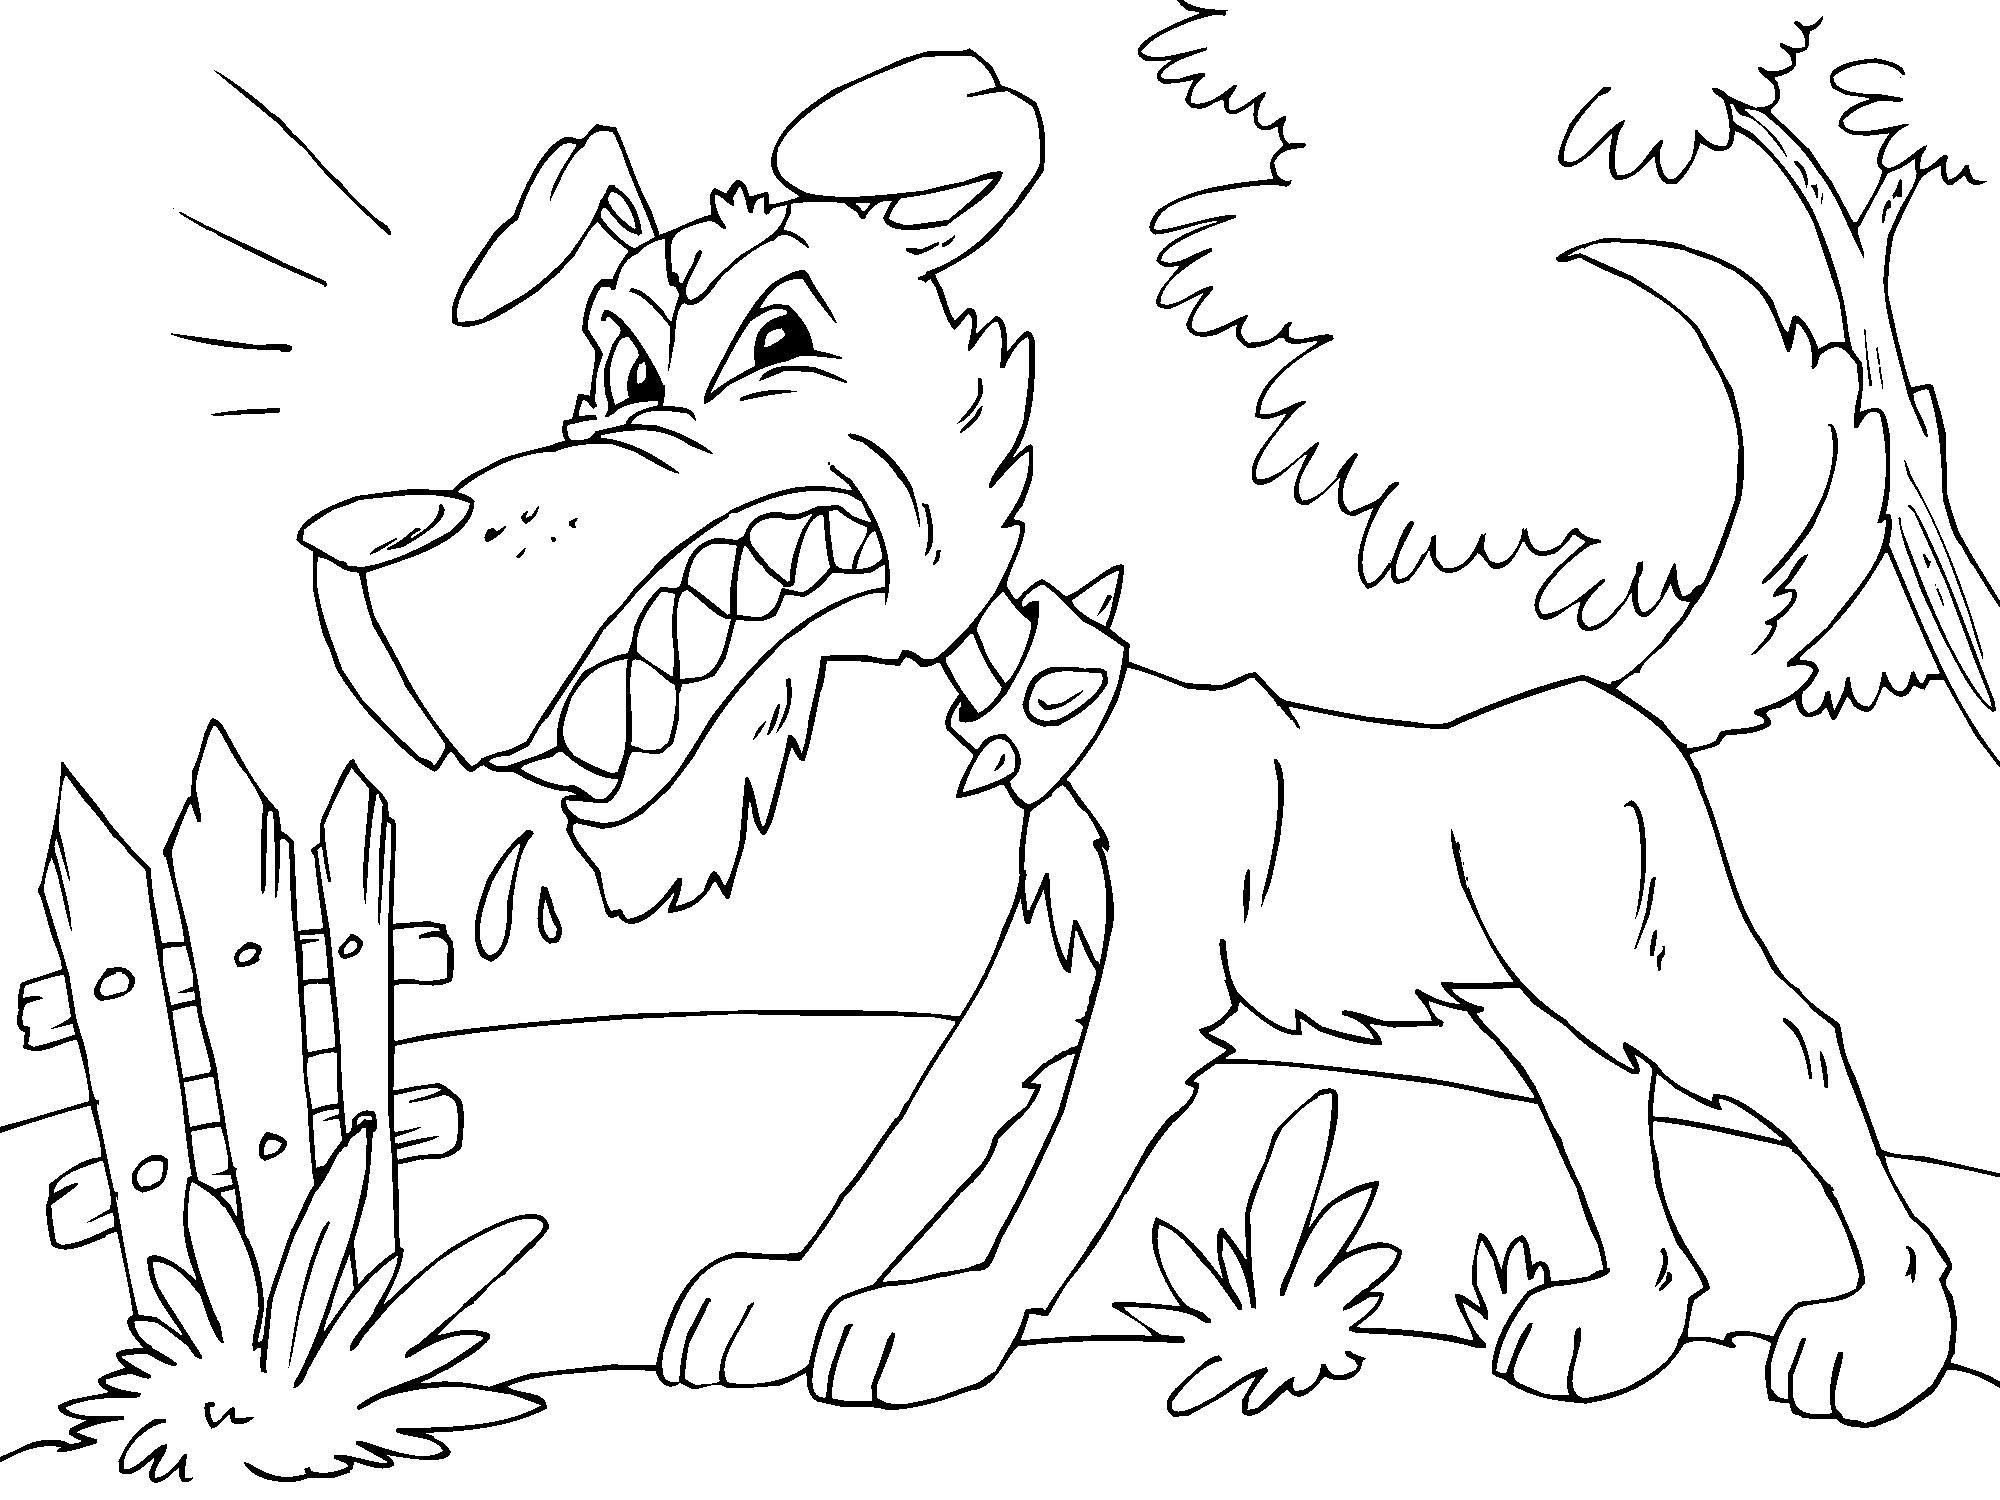 Malvorlage ärgerlicher Hund - Kostenlose Ausmalbilder Zum